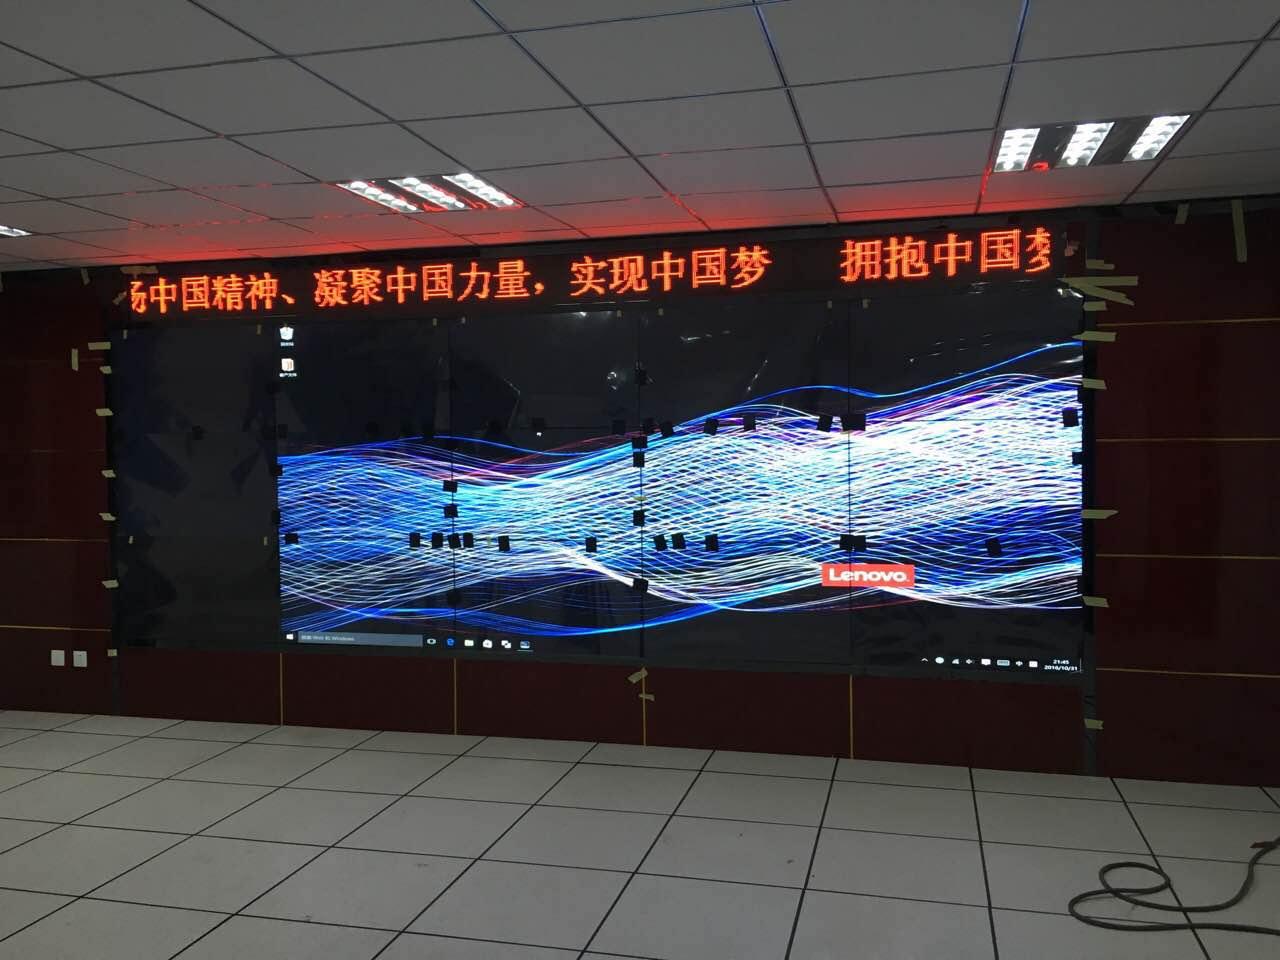 创新维广西老司机液晶显示设备,南宁49寸液晶拼接屏方案报价